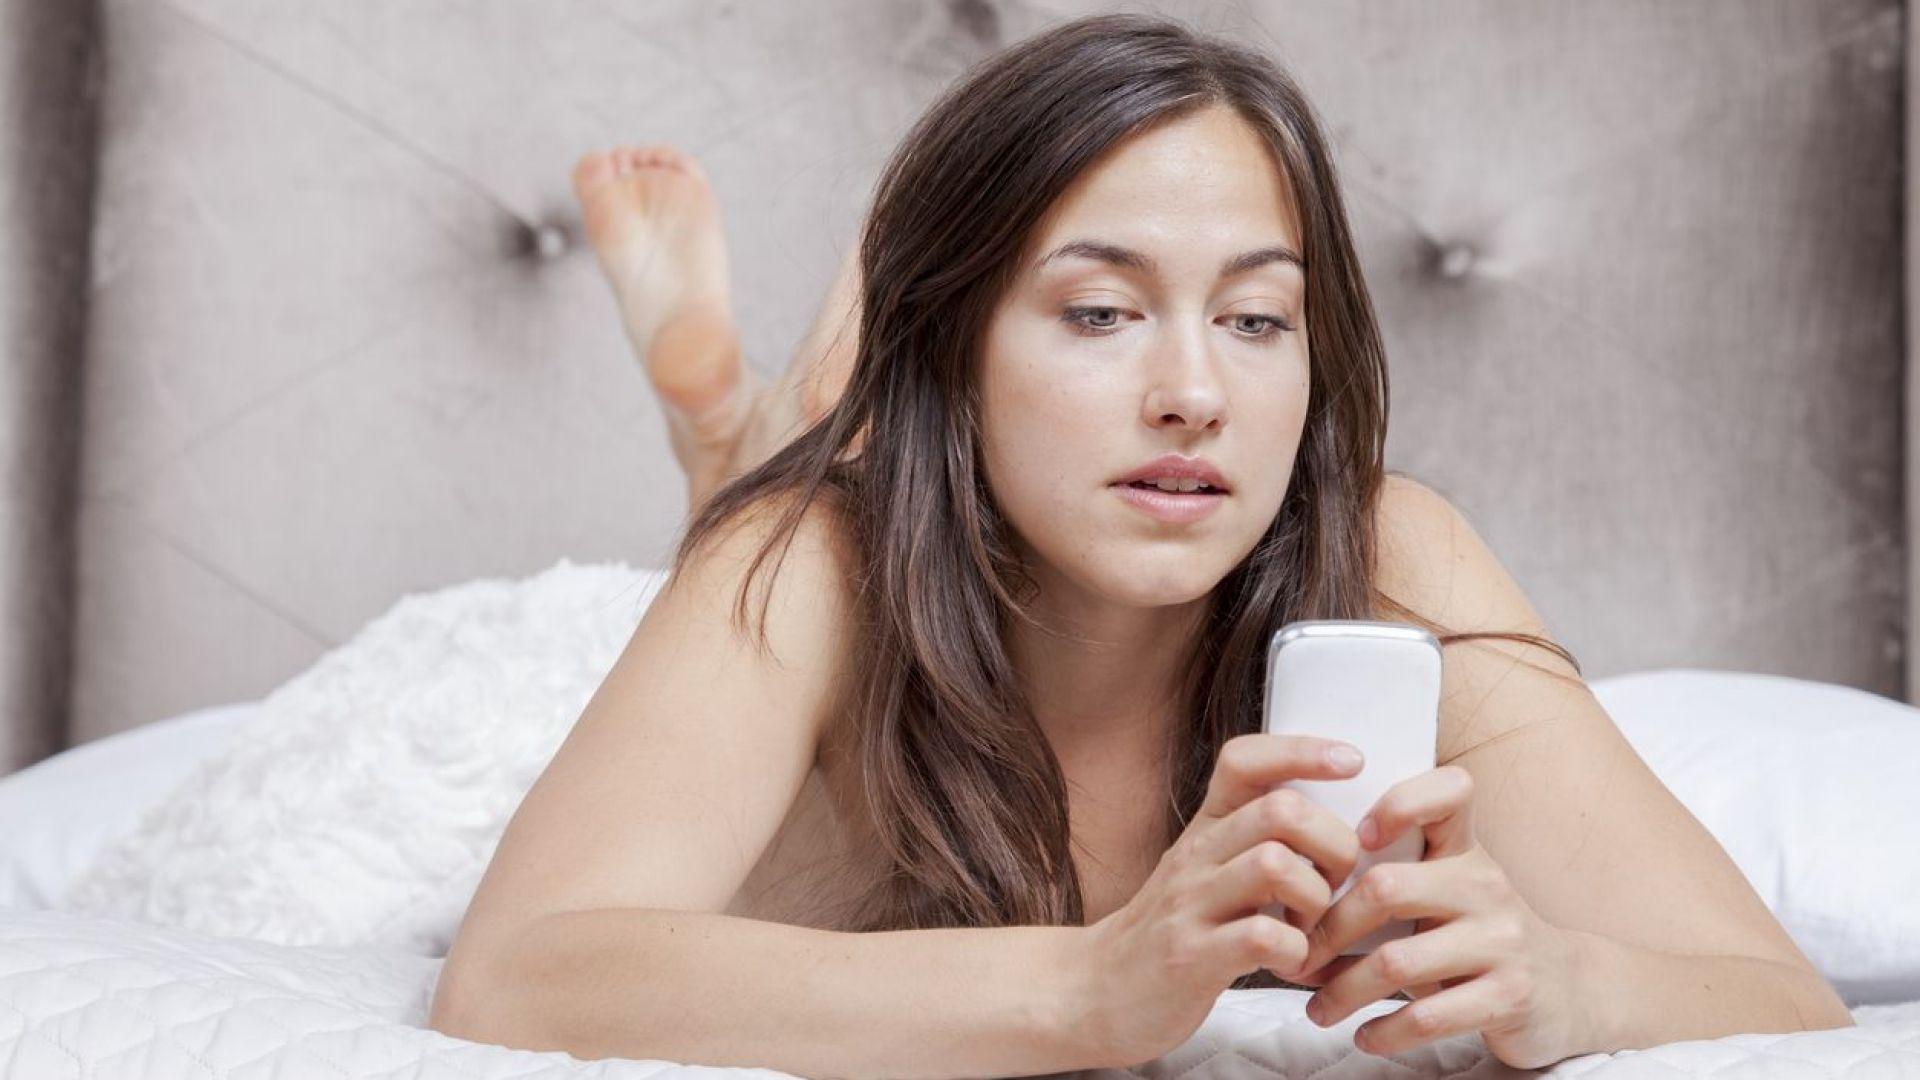 Жените изпращат свои секси снимки, за да се чувстват уверени